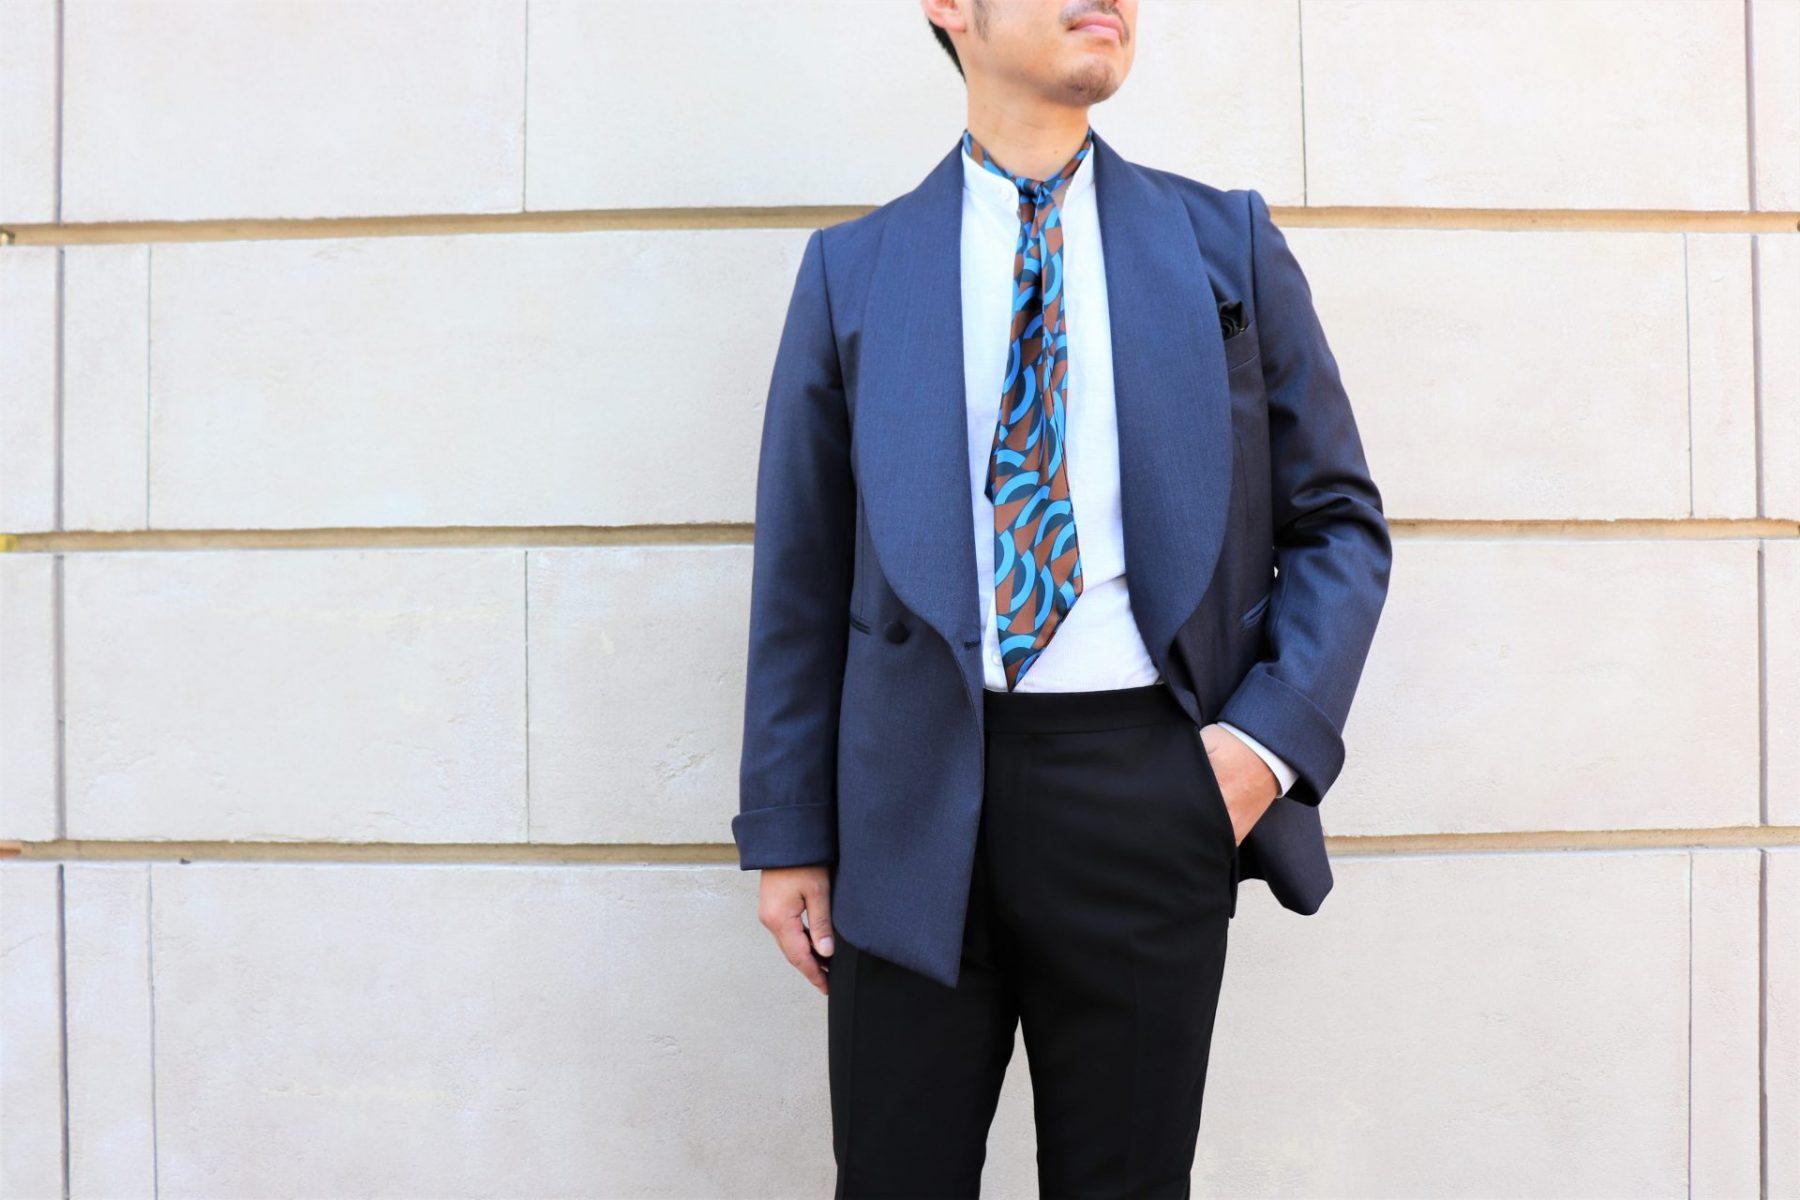 ・THE TREAT DRESSING名古屋店がおすすめする特別感のあるダブルブレストのカジュアルスタイル